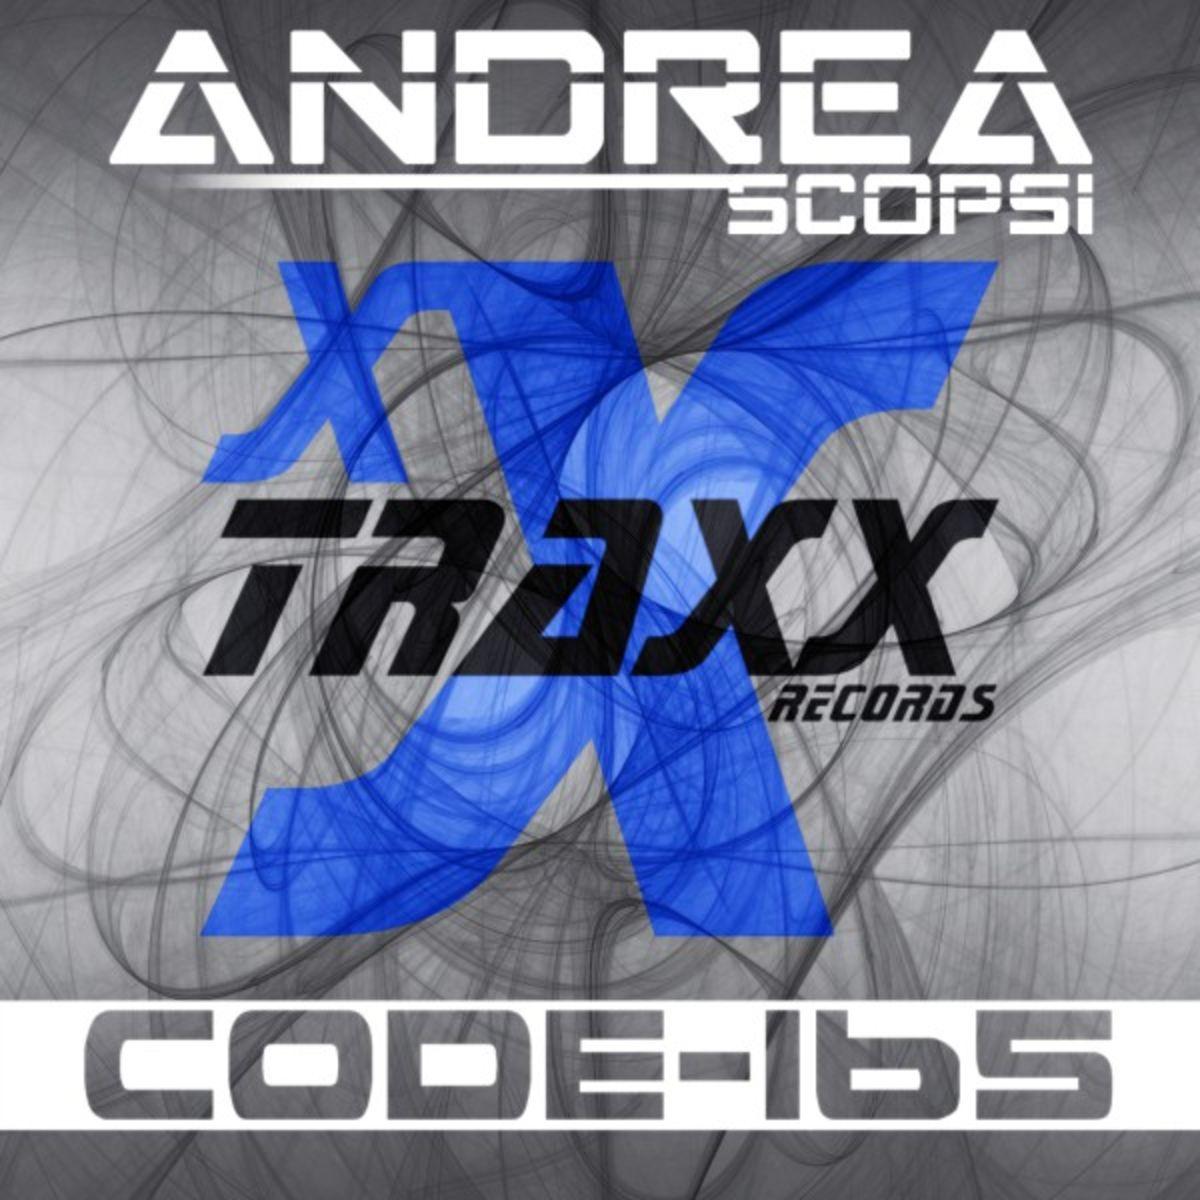 Andrea Scopsi - Enchanter (Original Mix)